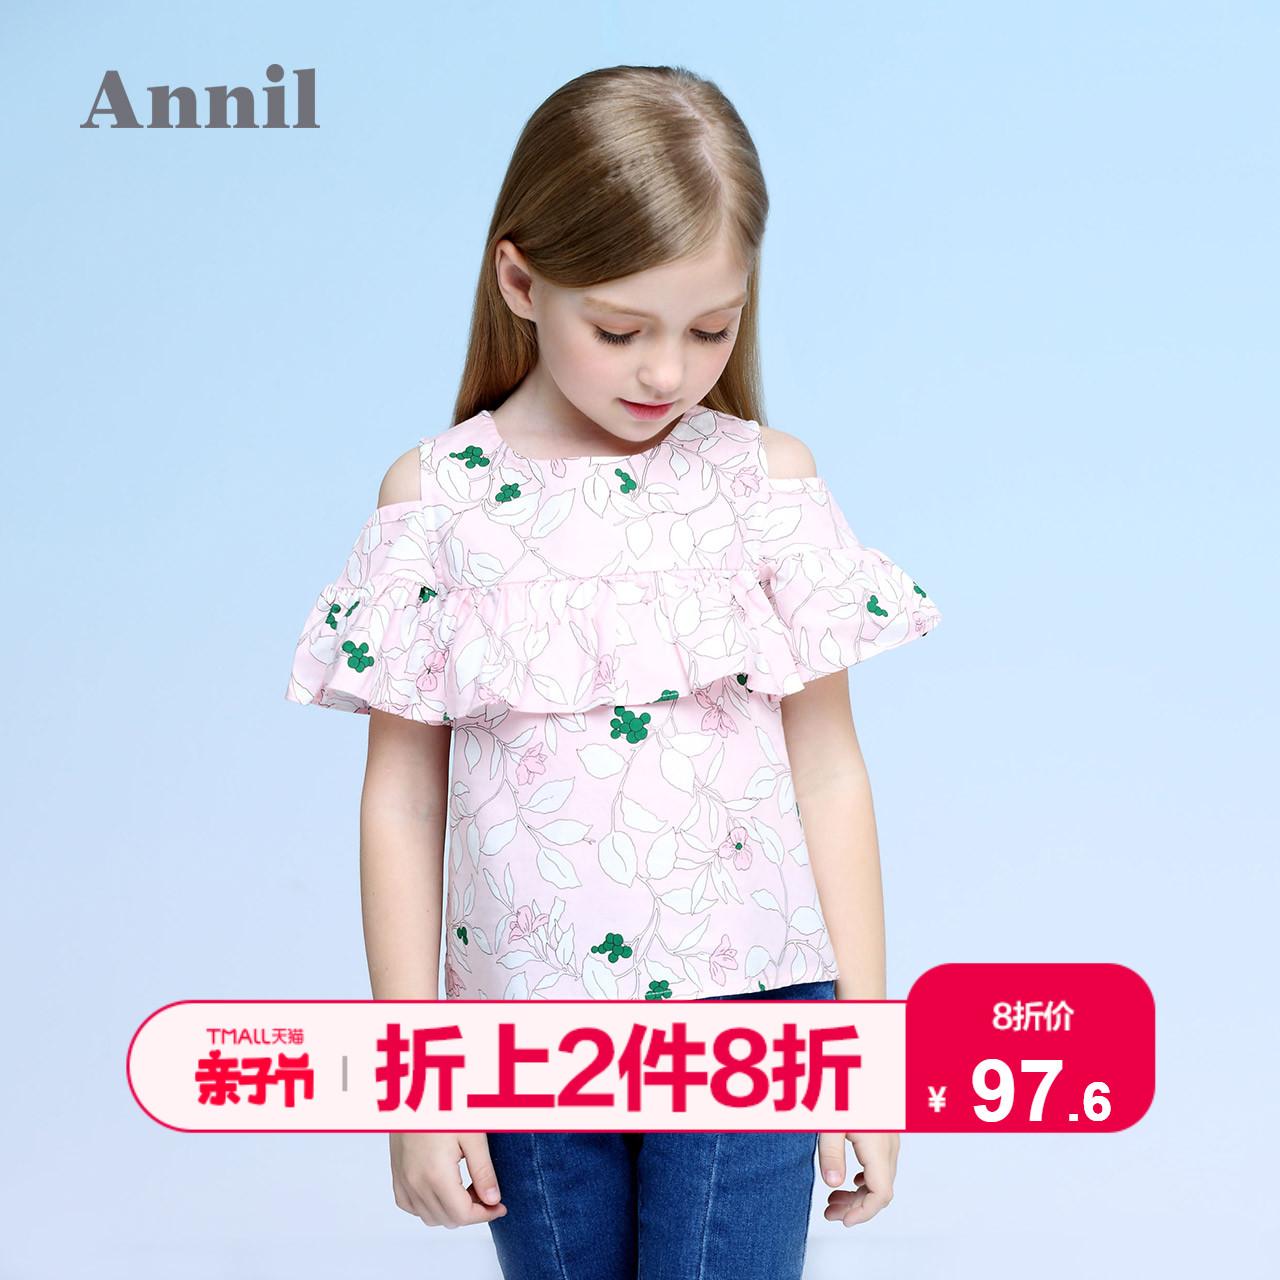 安奈儿童装女童衬衣2018夏装新款荷叶边露肩洋气衬衫潮EG831120